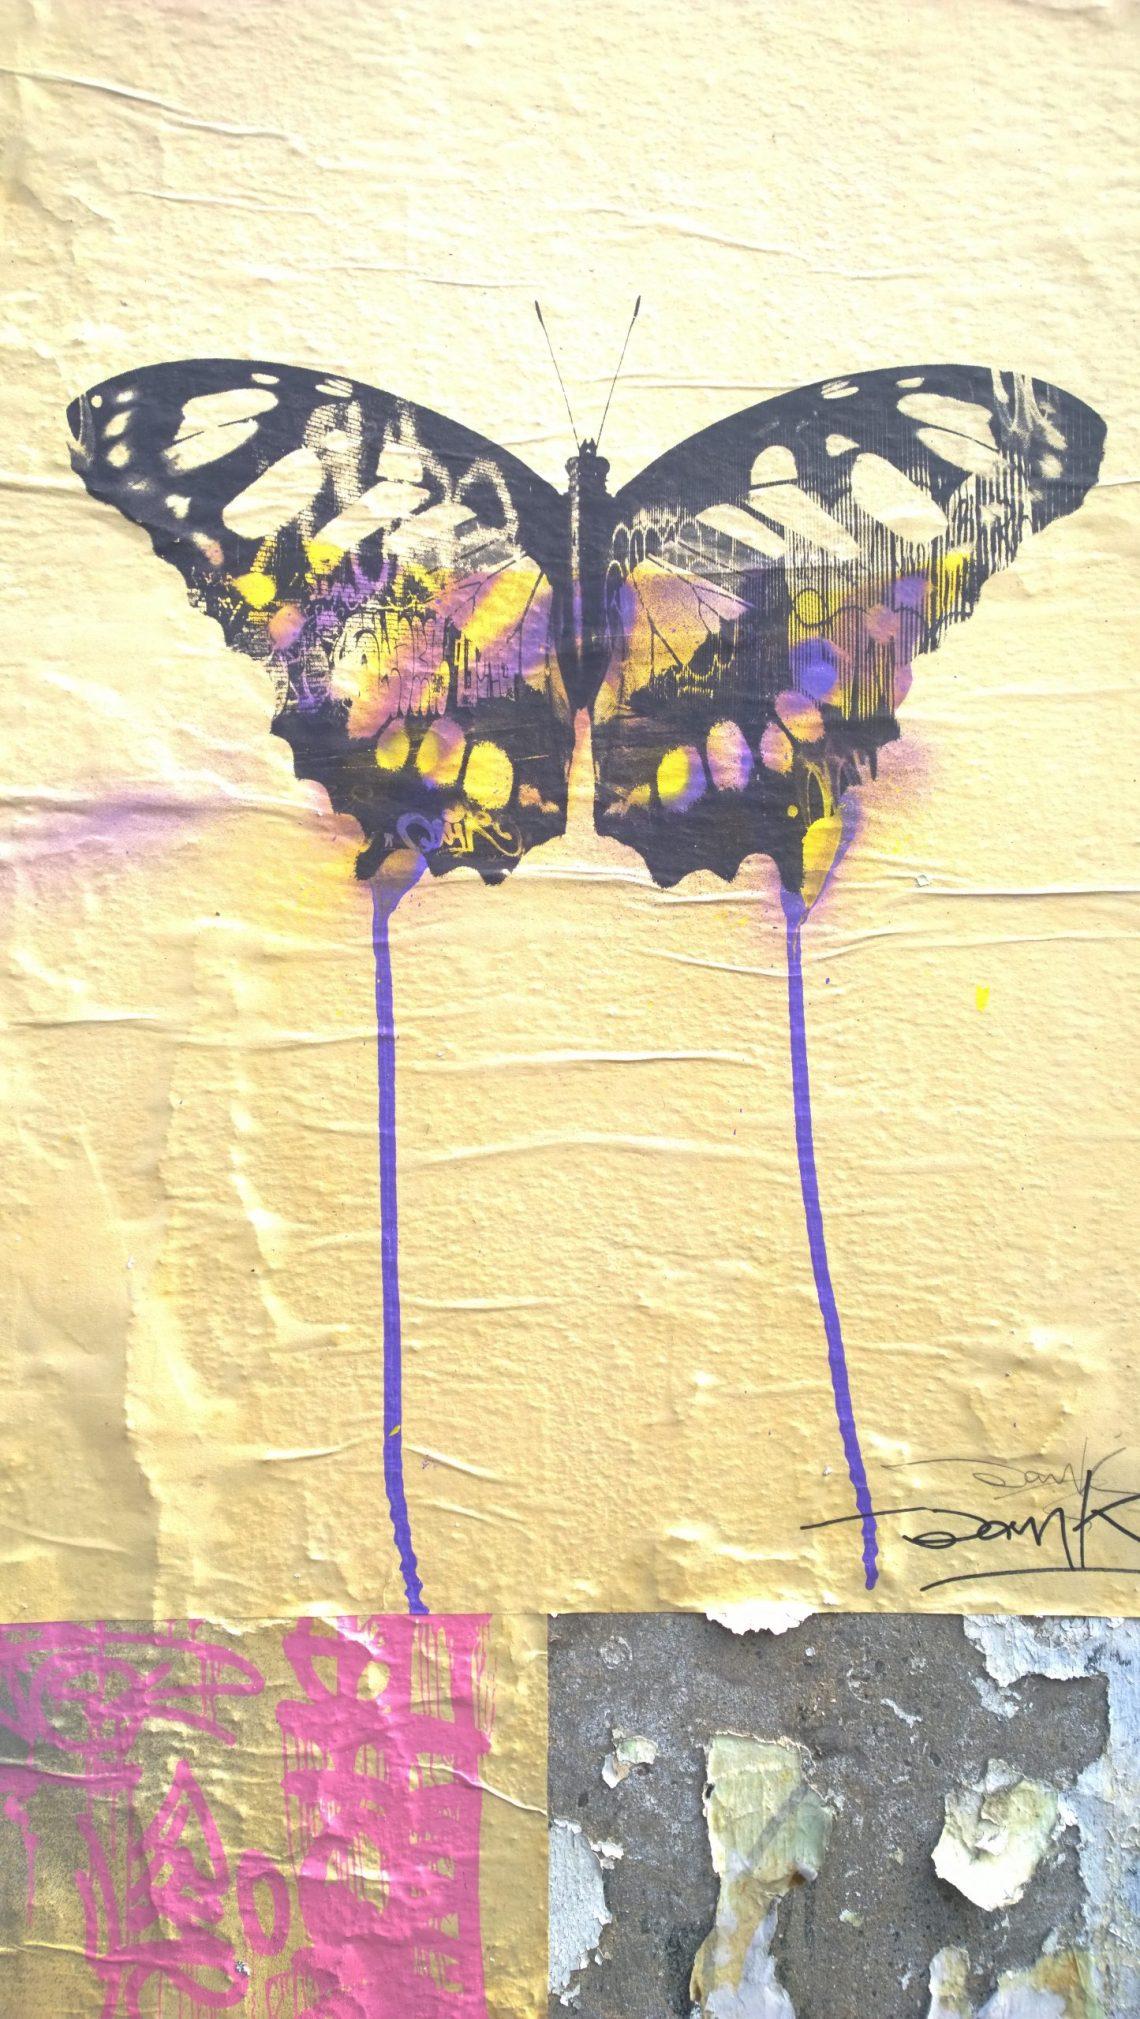 Butterfly street art by Donk Toynbee Street